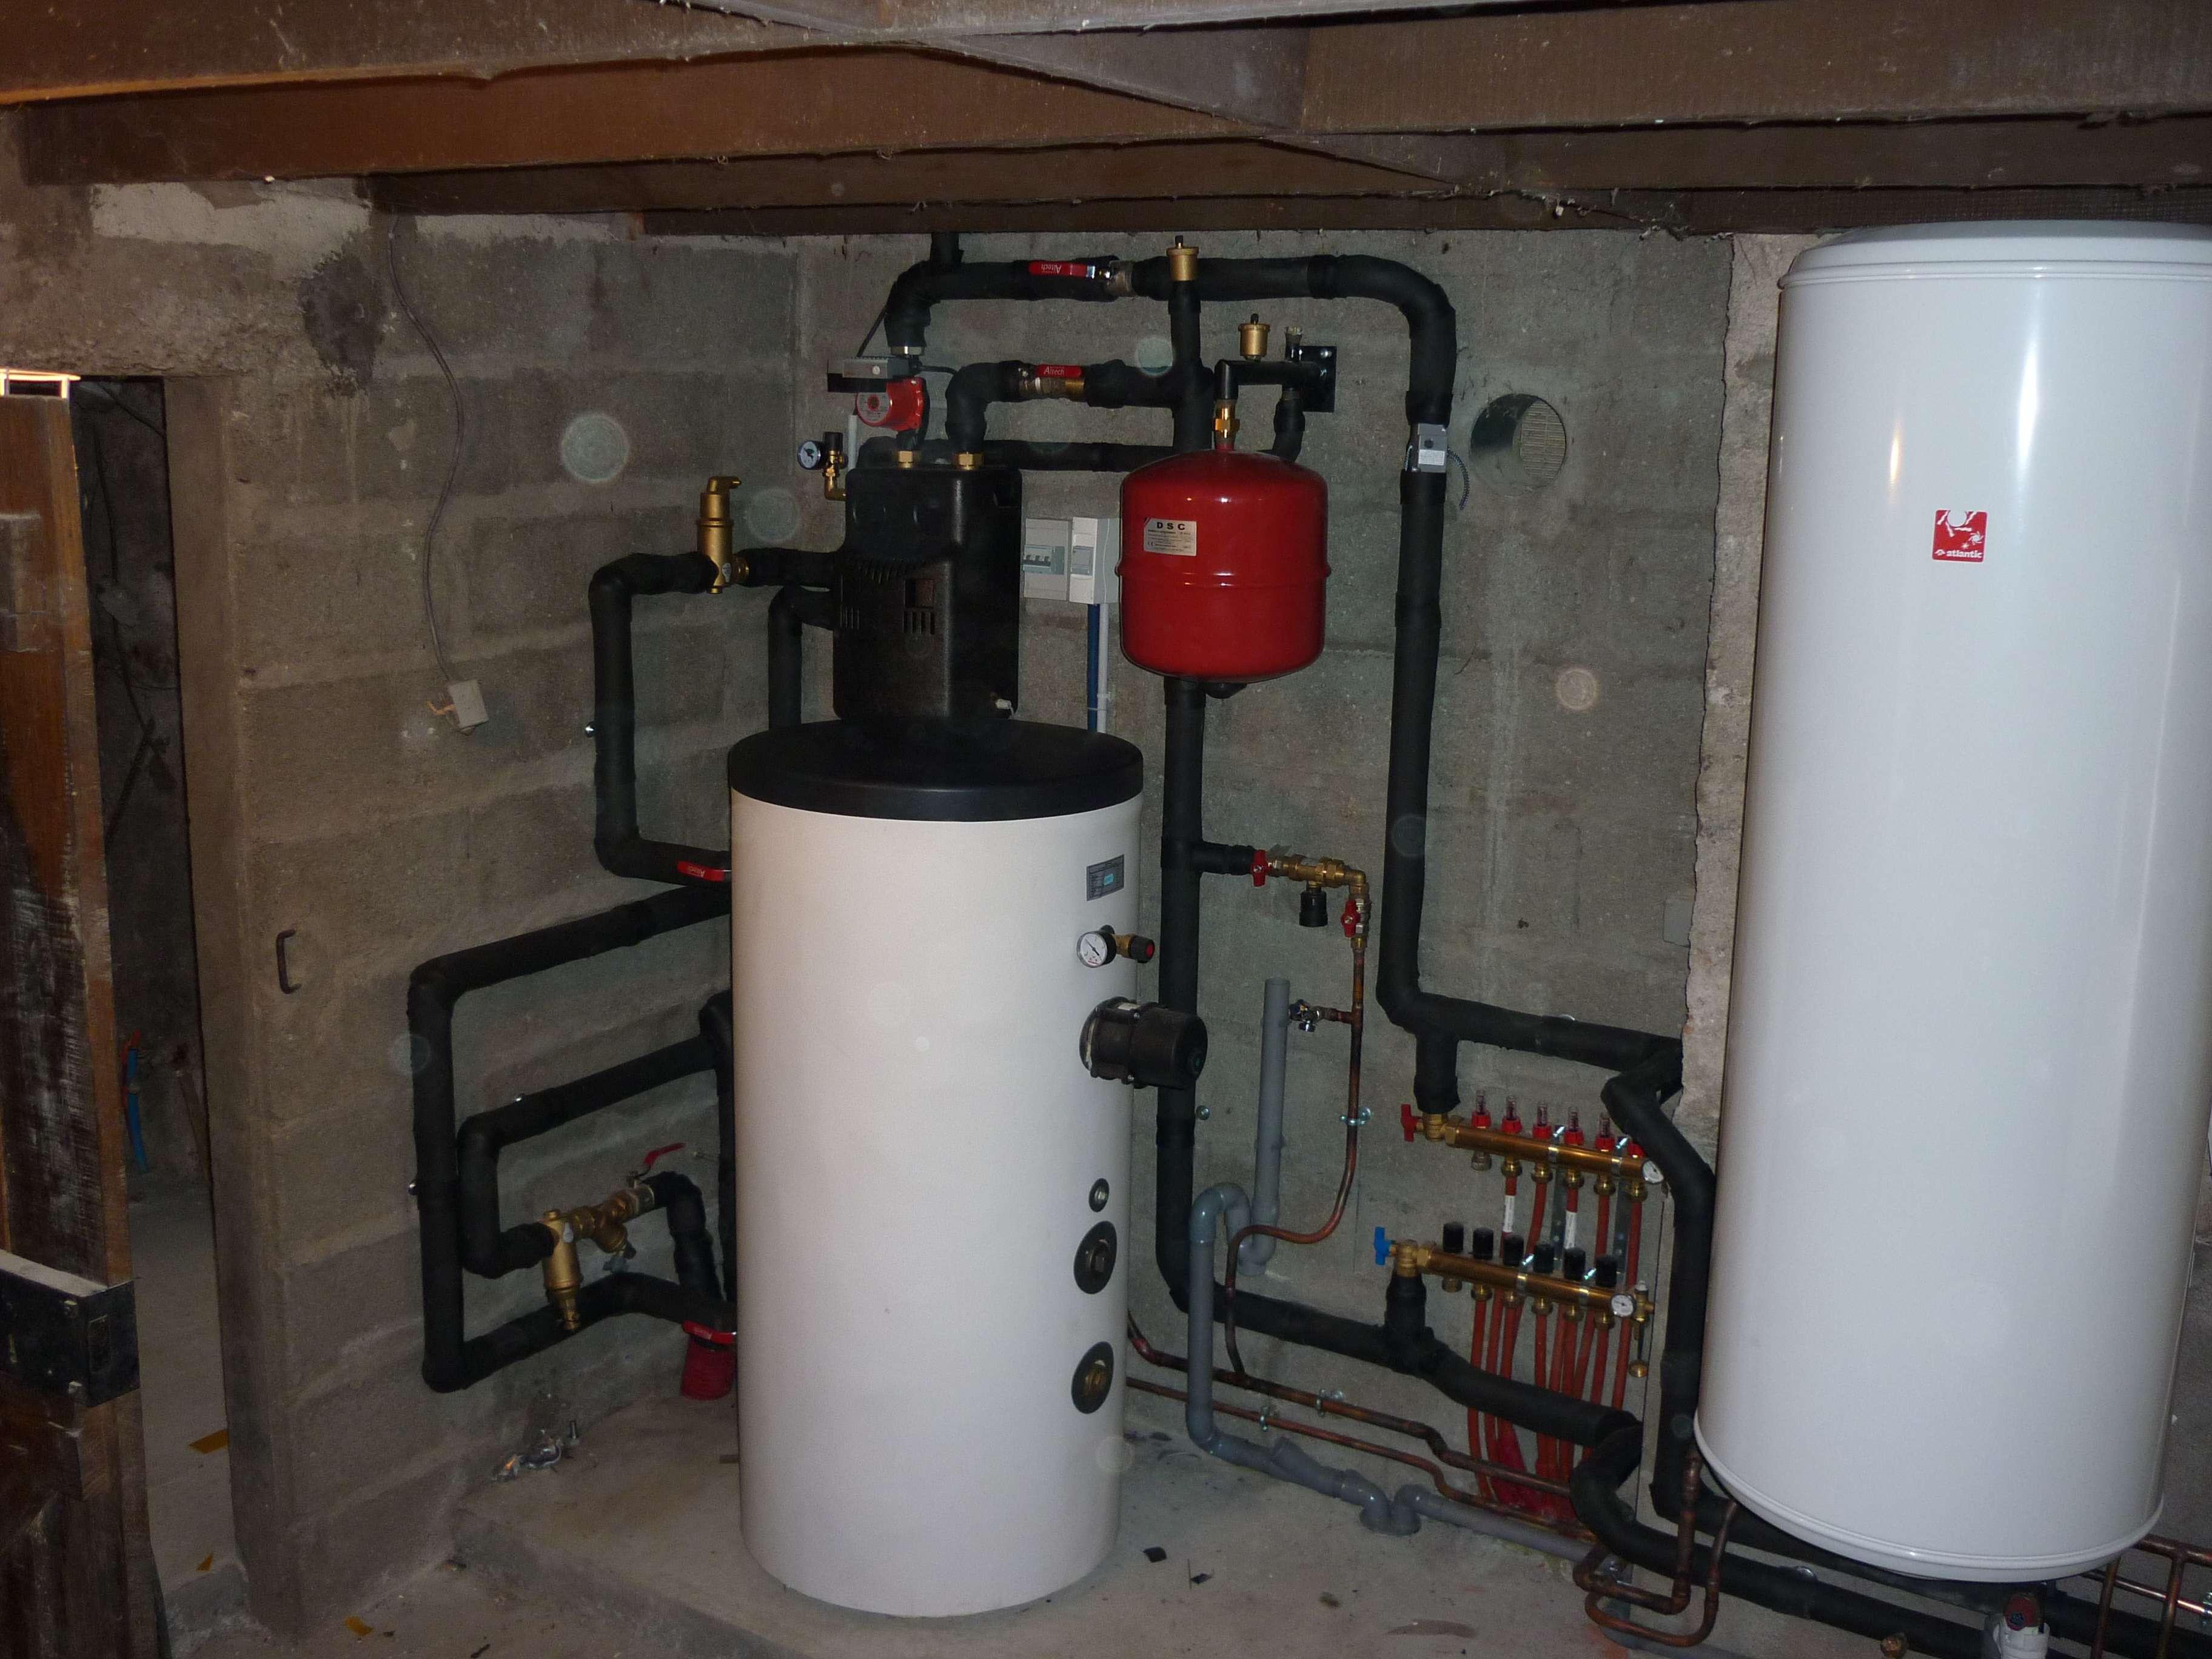 pompe à chaleur, Energies renouvelables, Plancher chauffant, La Planche